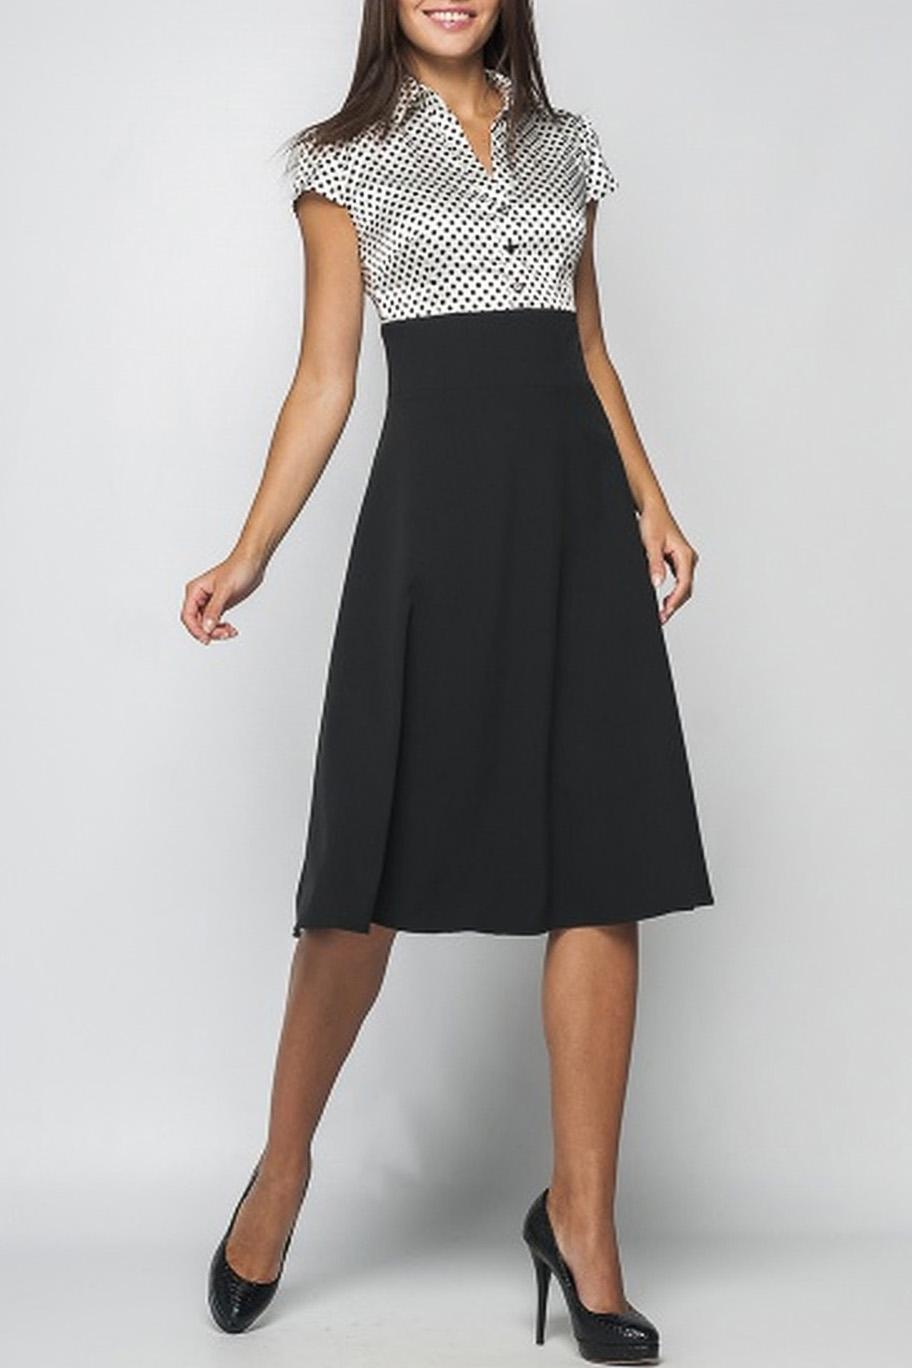 ПлатьеПлатья<br>Классическое женское платье станет основой Вашего повседневного гардероба. В нем можно пойти как на работу, так и на свидание.  Параметры изделия:  44 размер: ширина по линии груди 96 см, длина рукава 11 см, длина изделия 96,5 см;  52 размер: ширина по линии груди 112 см, длина рукава 11 см, длина изделия 105 см   Цвет: черный, белый.  Рост девушки-фотомодели 170 см<br><br>Воротник: Рубашечный,Стояче-отложной<br>По длине: Ниже колена<br>По материалу: Костюмные ткани,Тканевые<br>По рисунку: В горошек,Цветные,С принтом<br>По силуэту: Полуприталенные<br>По стилю: Винтаж,Офисный стиль,Повседневный стиль<br>По форме: Платье - трапеция<br>По элементам: С завышенной талией<br>Рукав: Короткий рукав<br>По сезону: Лето,Осень,Весна<br>Размер : 44<br>Материал: Костюмно-плательная ткань<br>Количество в наличии: 1